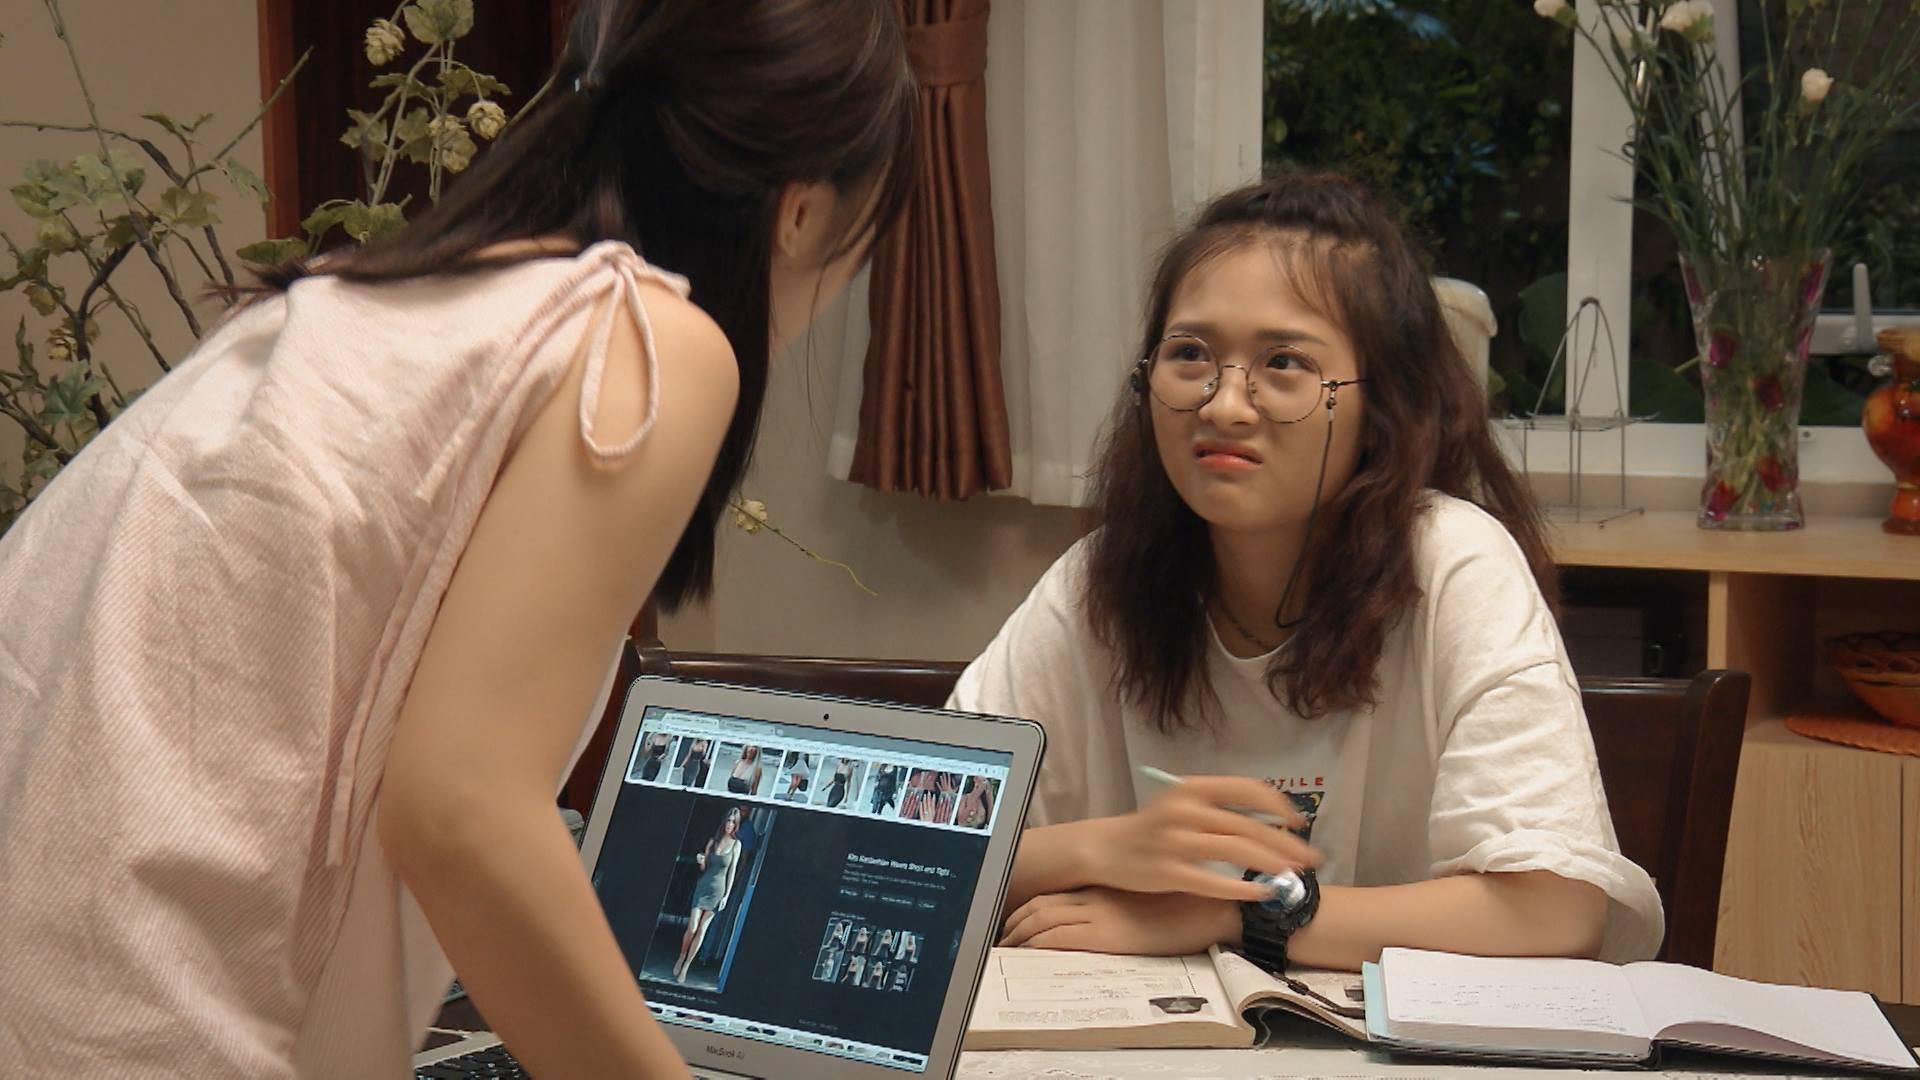 Quỳnh Kool chụp hình khỏa thân khiến bố mẹ phát hoảng - ảnh 2